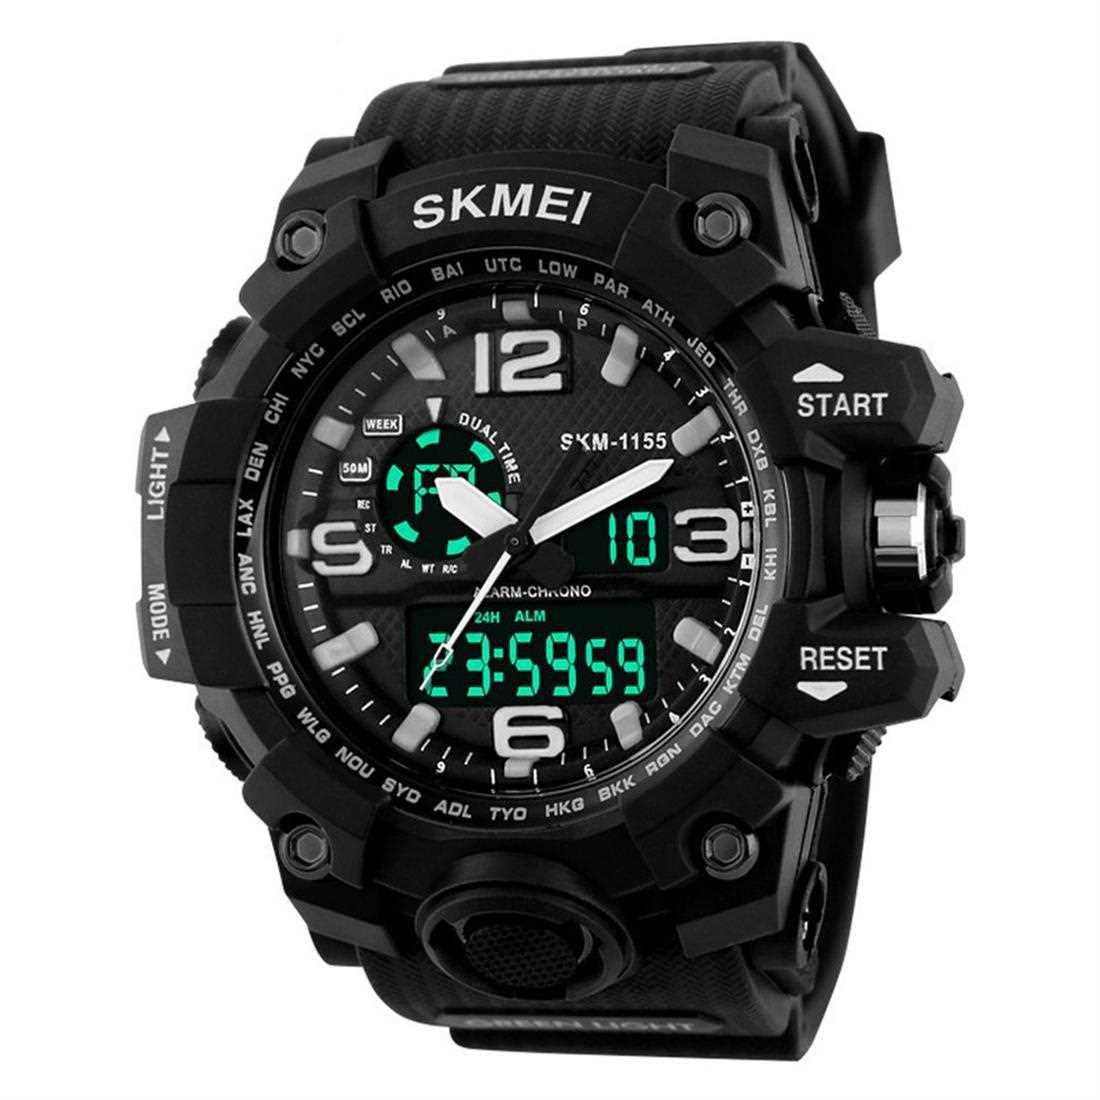 SKMEI 1155 Men Sports Watch Luminous Digital LED 5ATM Waterproof Men Watch (Black)